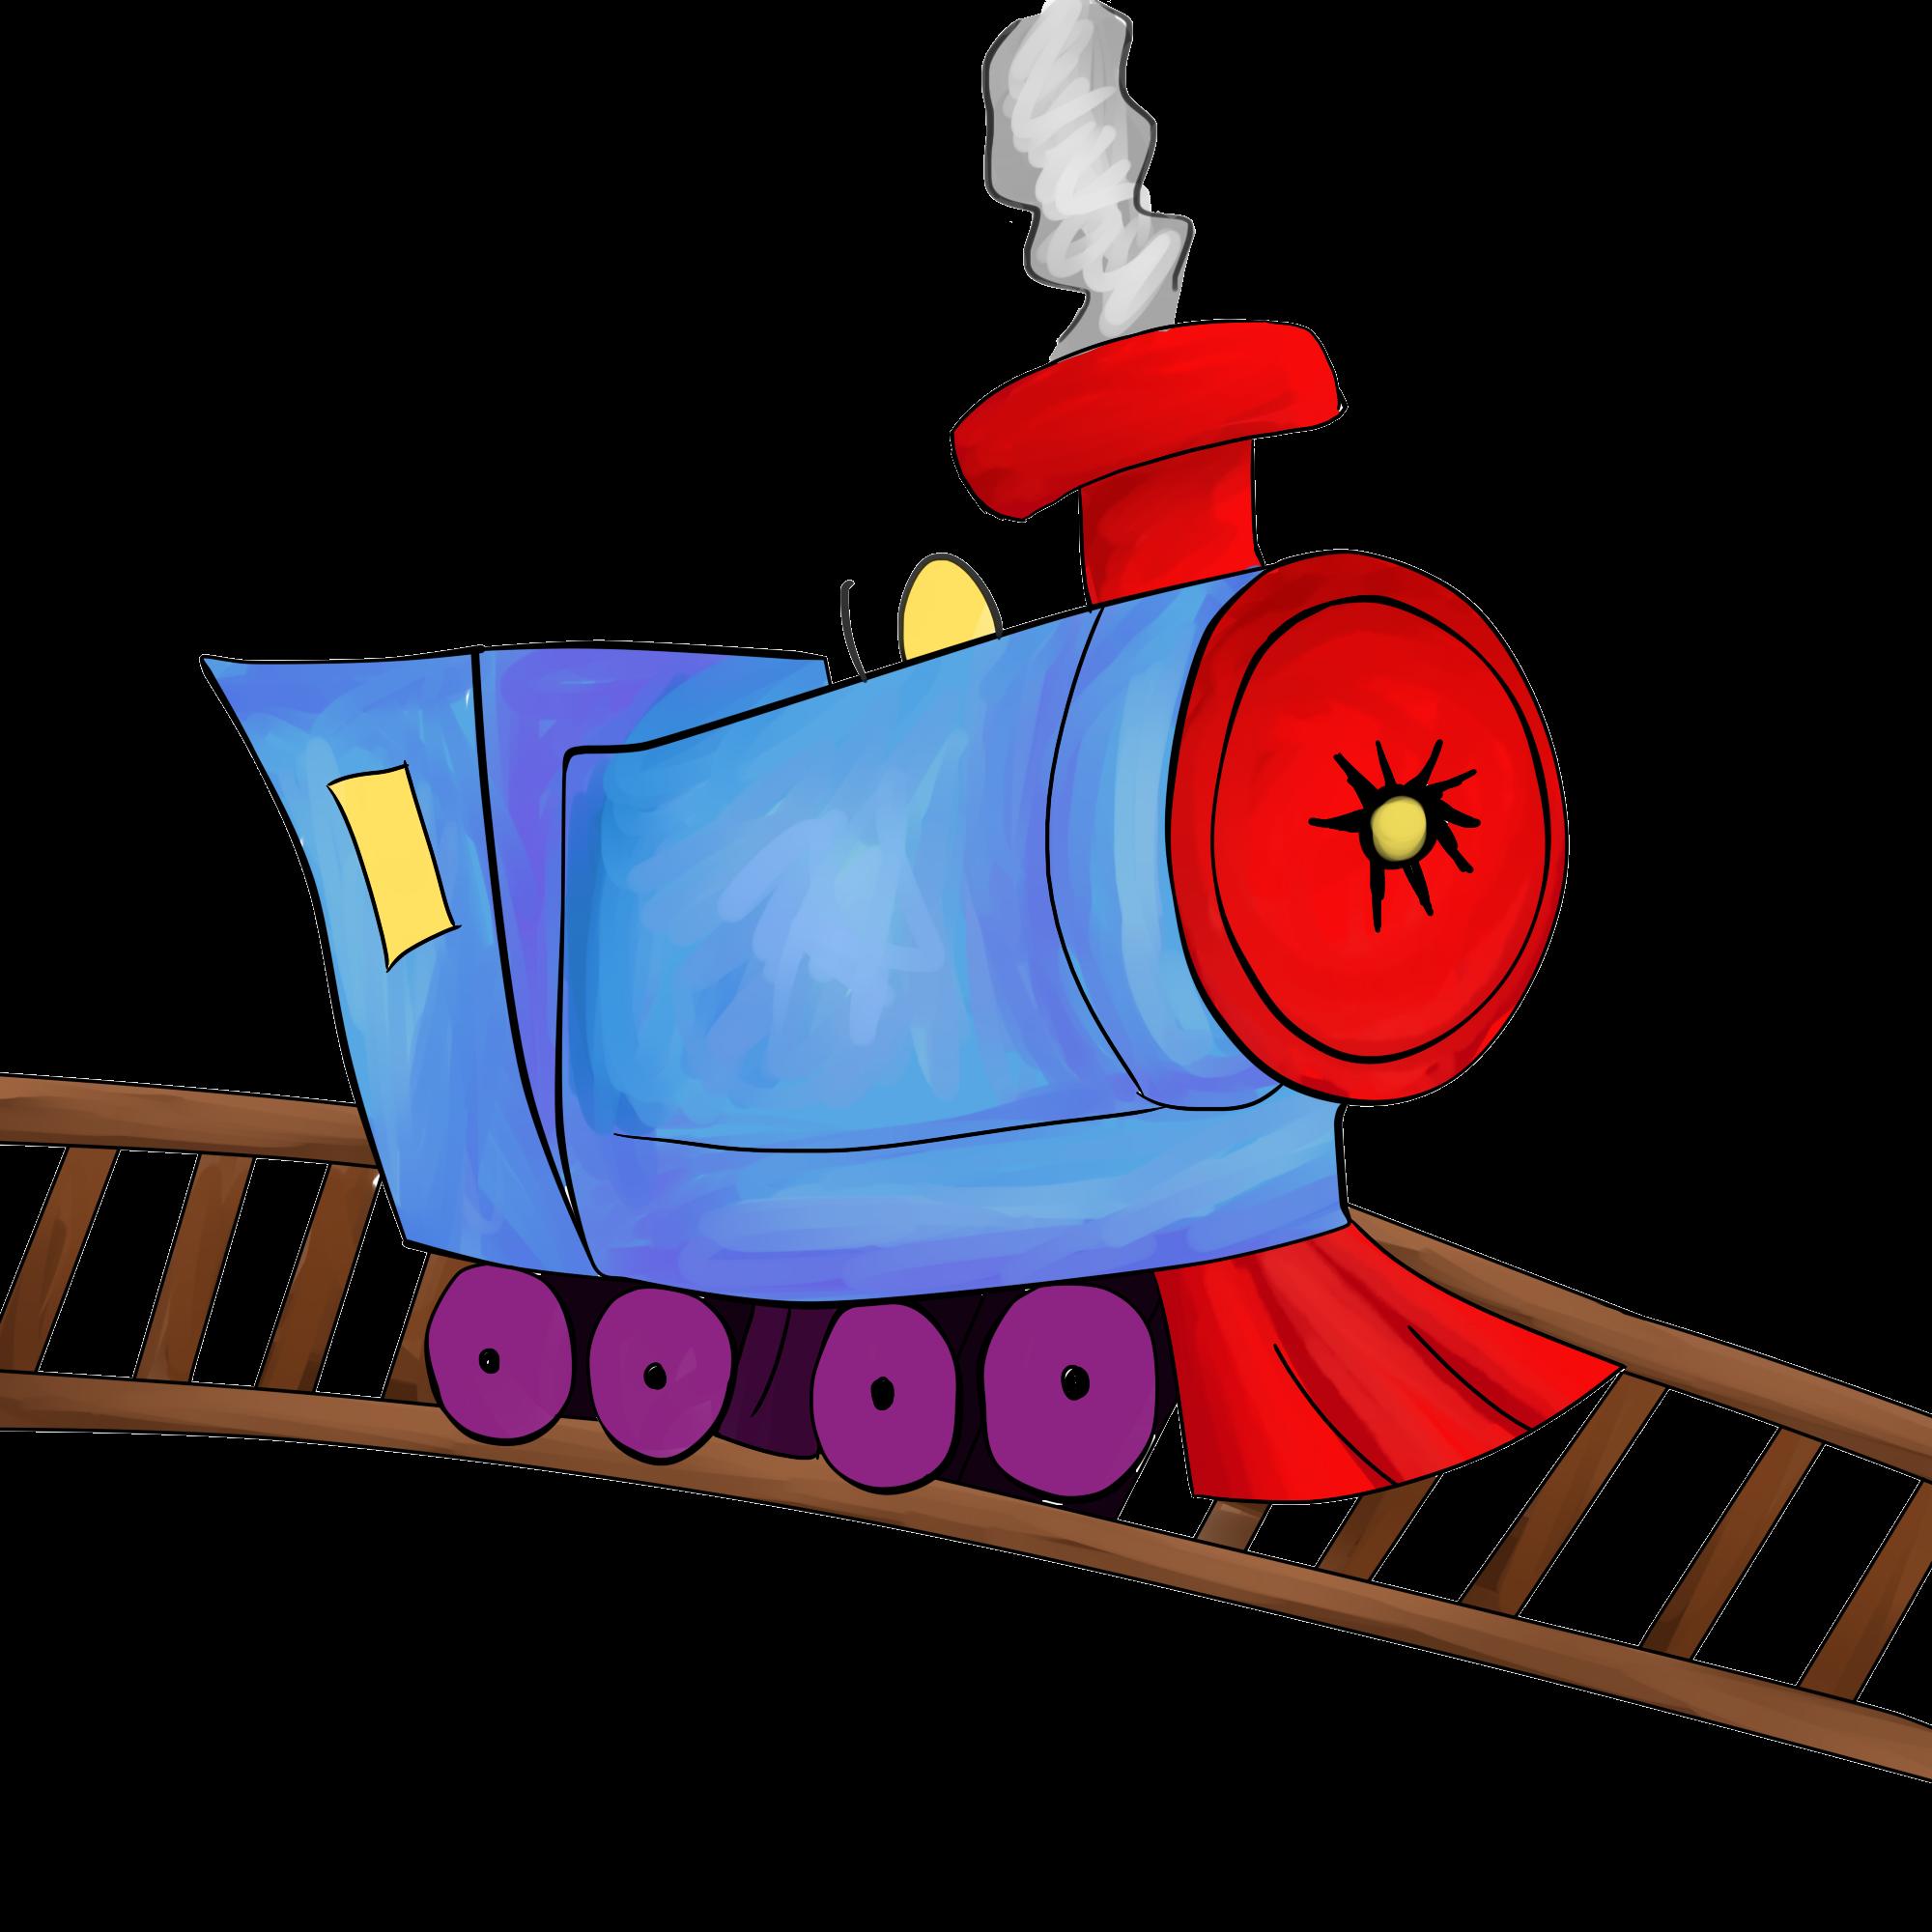 2000x2000 Railroad Tracks Clip Art Clipart Panda